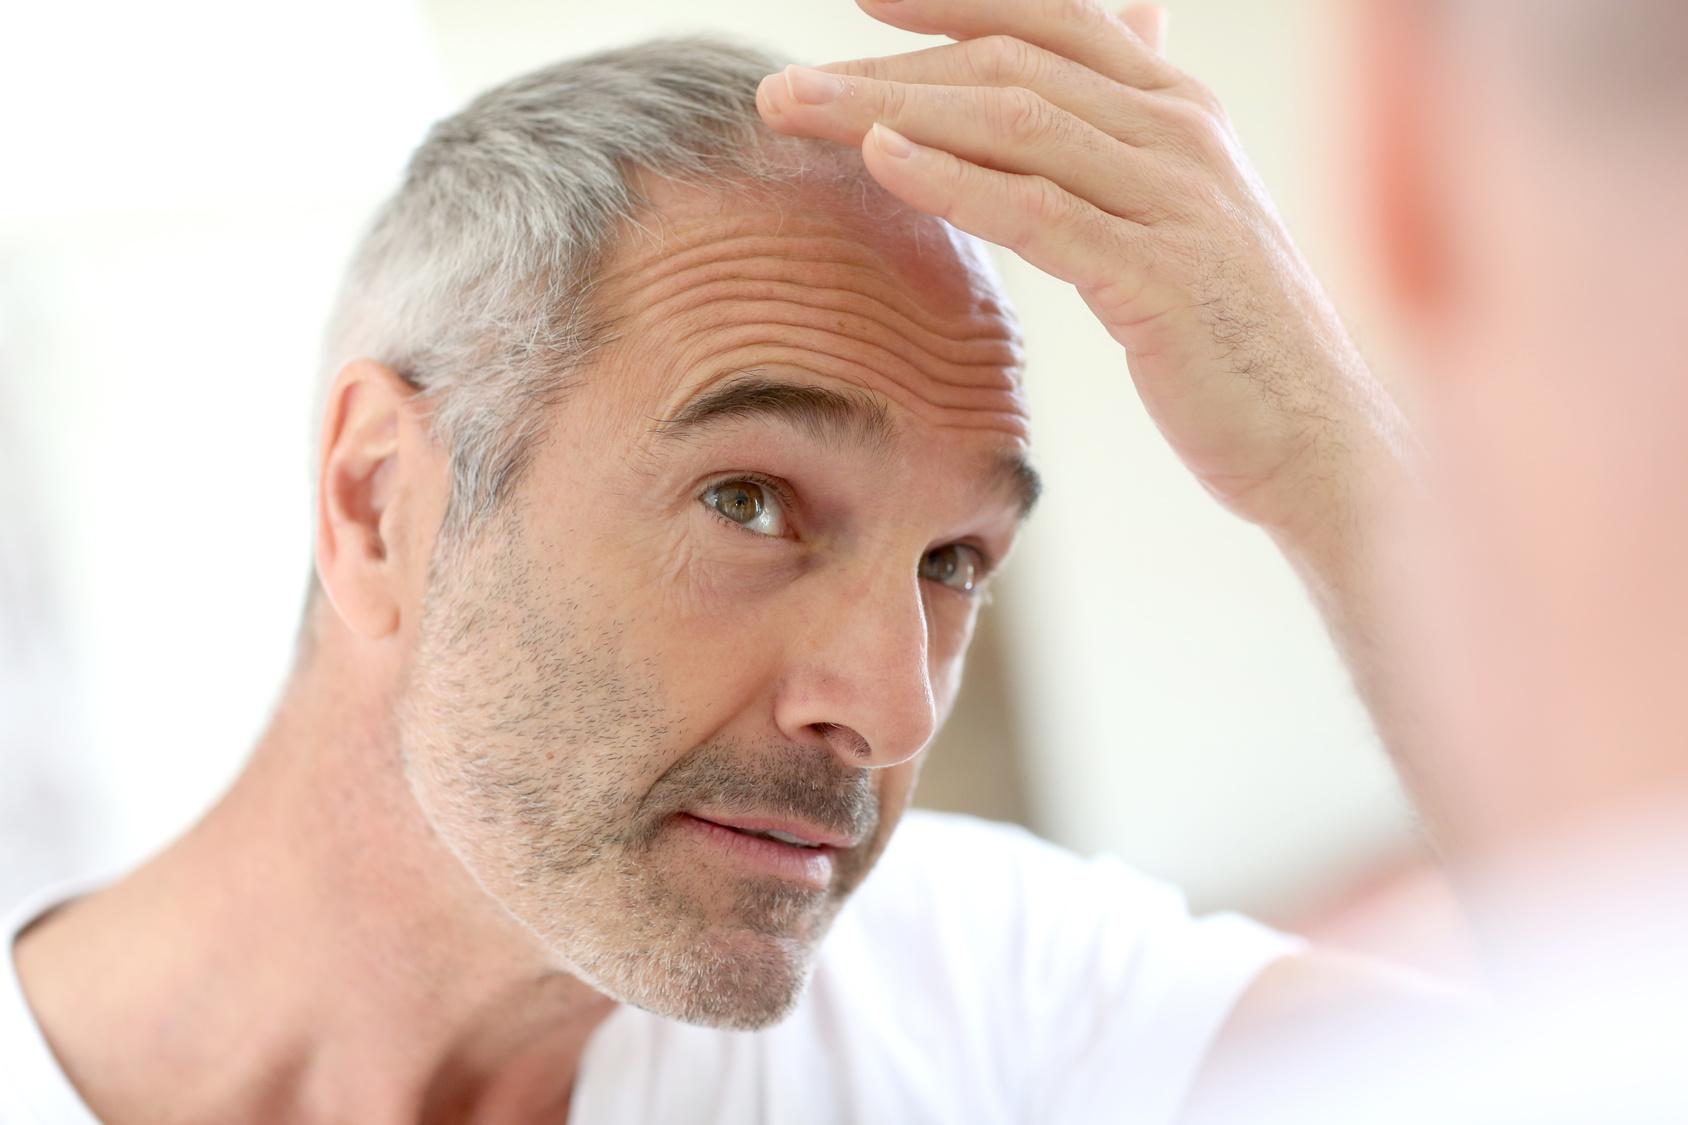 oznaki łysienia androgenicznego u mężczyzny